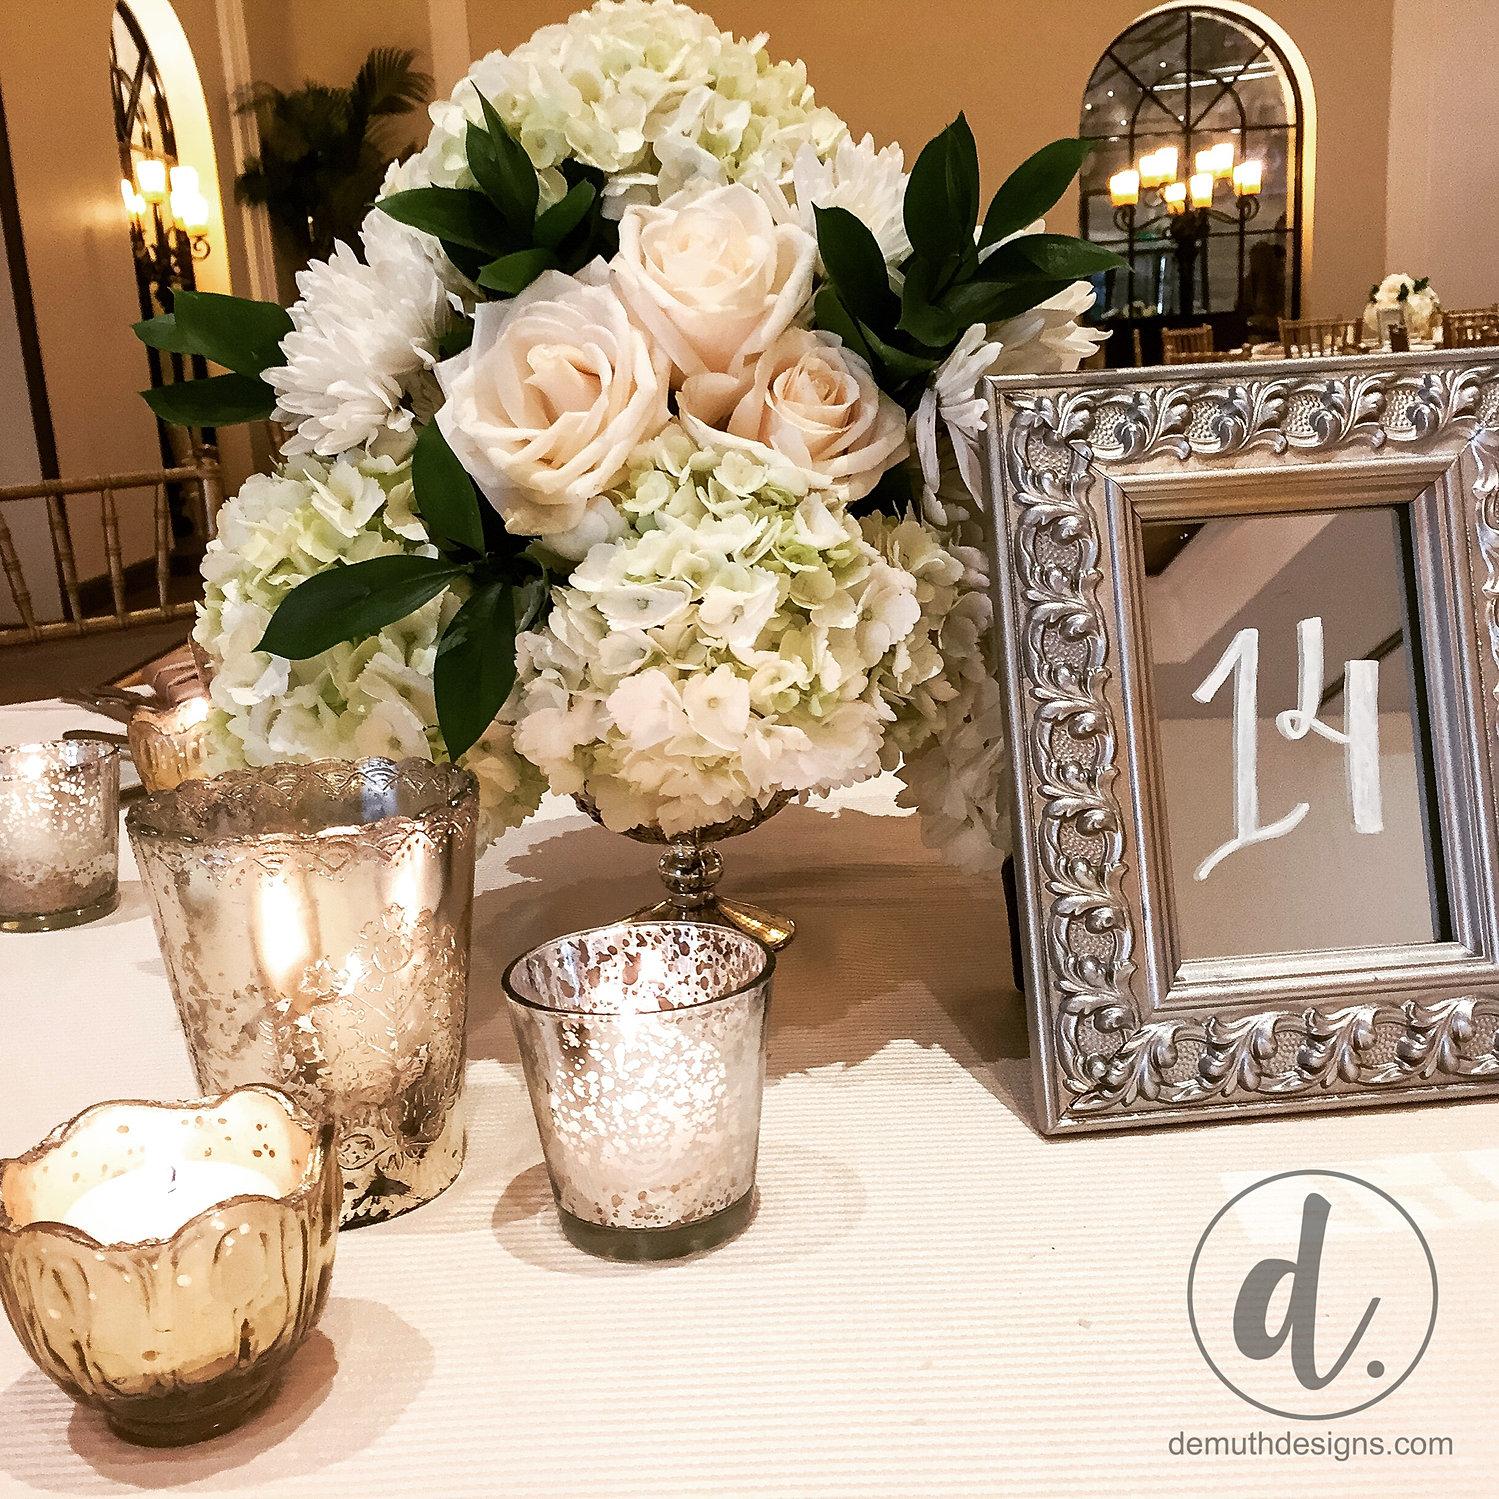 Home Interior Design Portfolio Events Custom Built Pieces About HLF 2